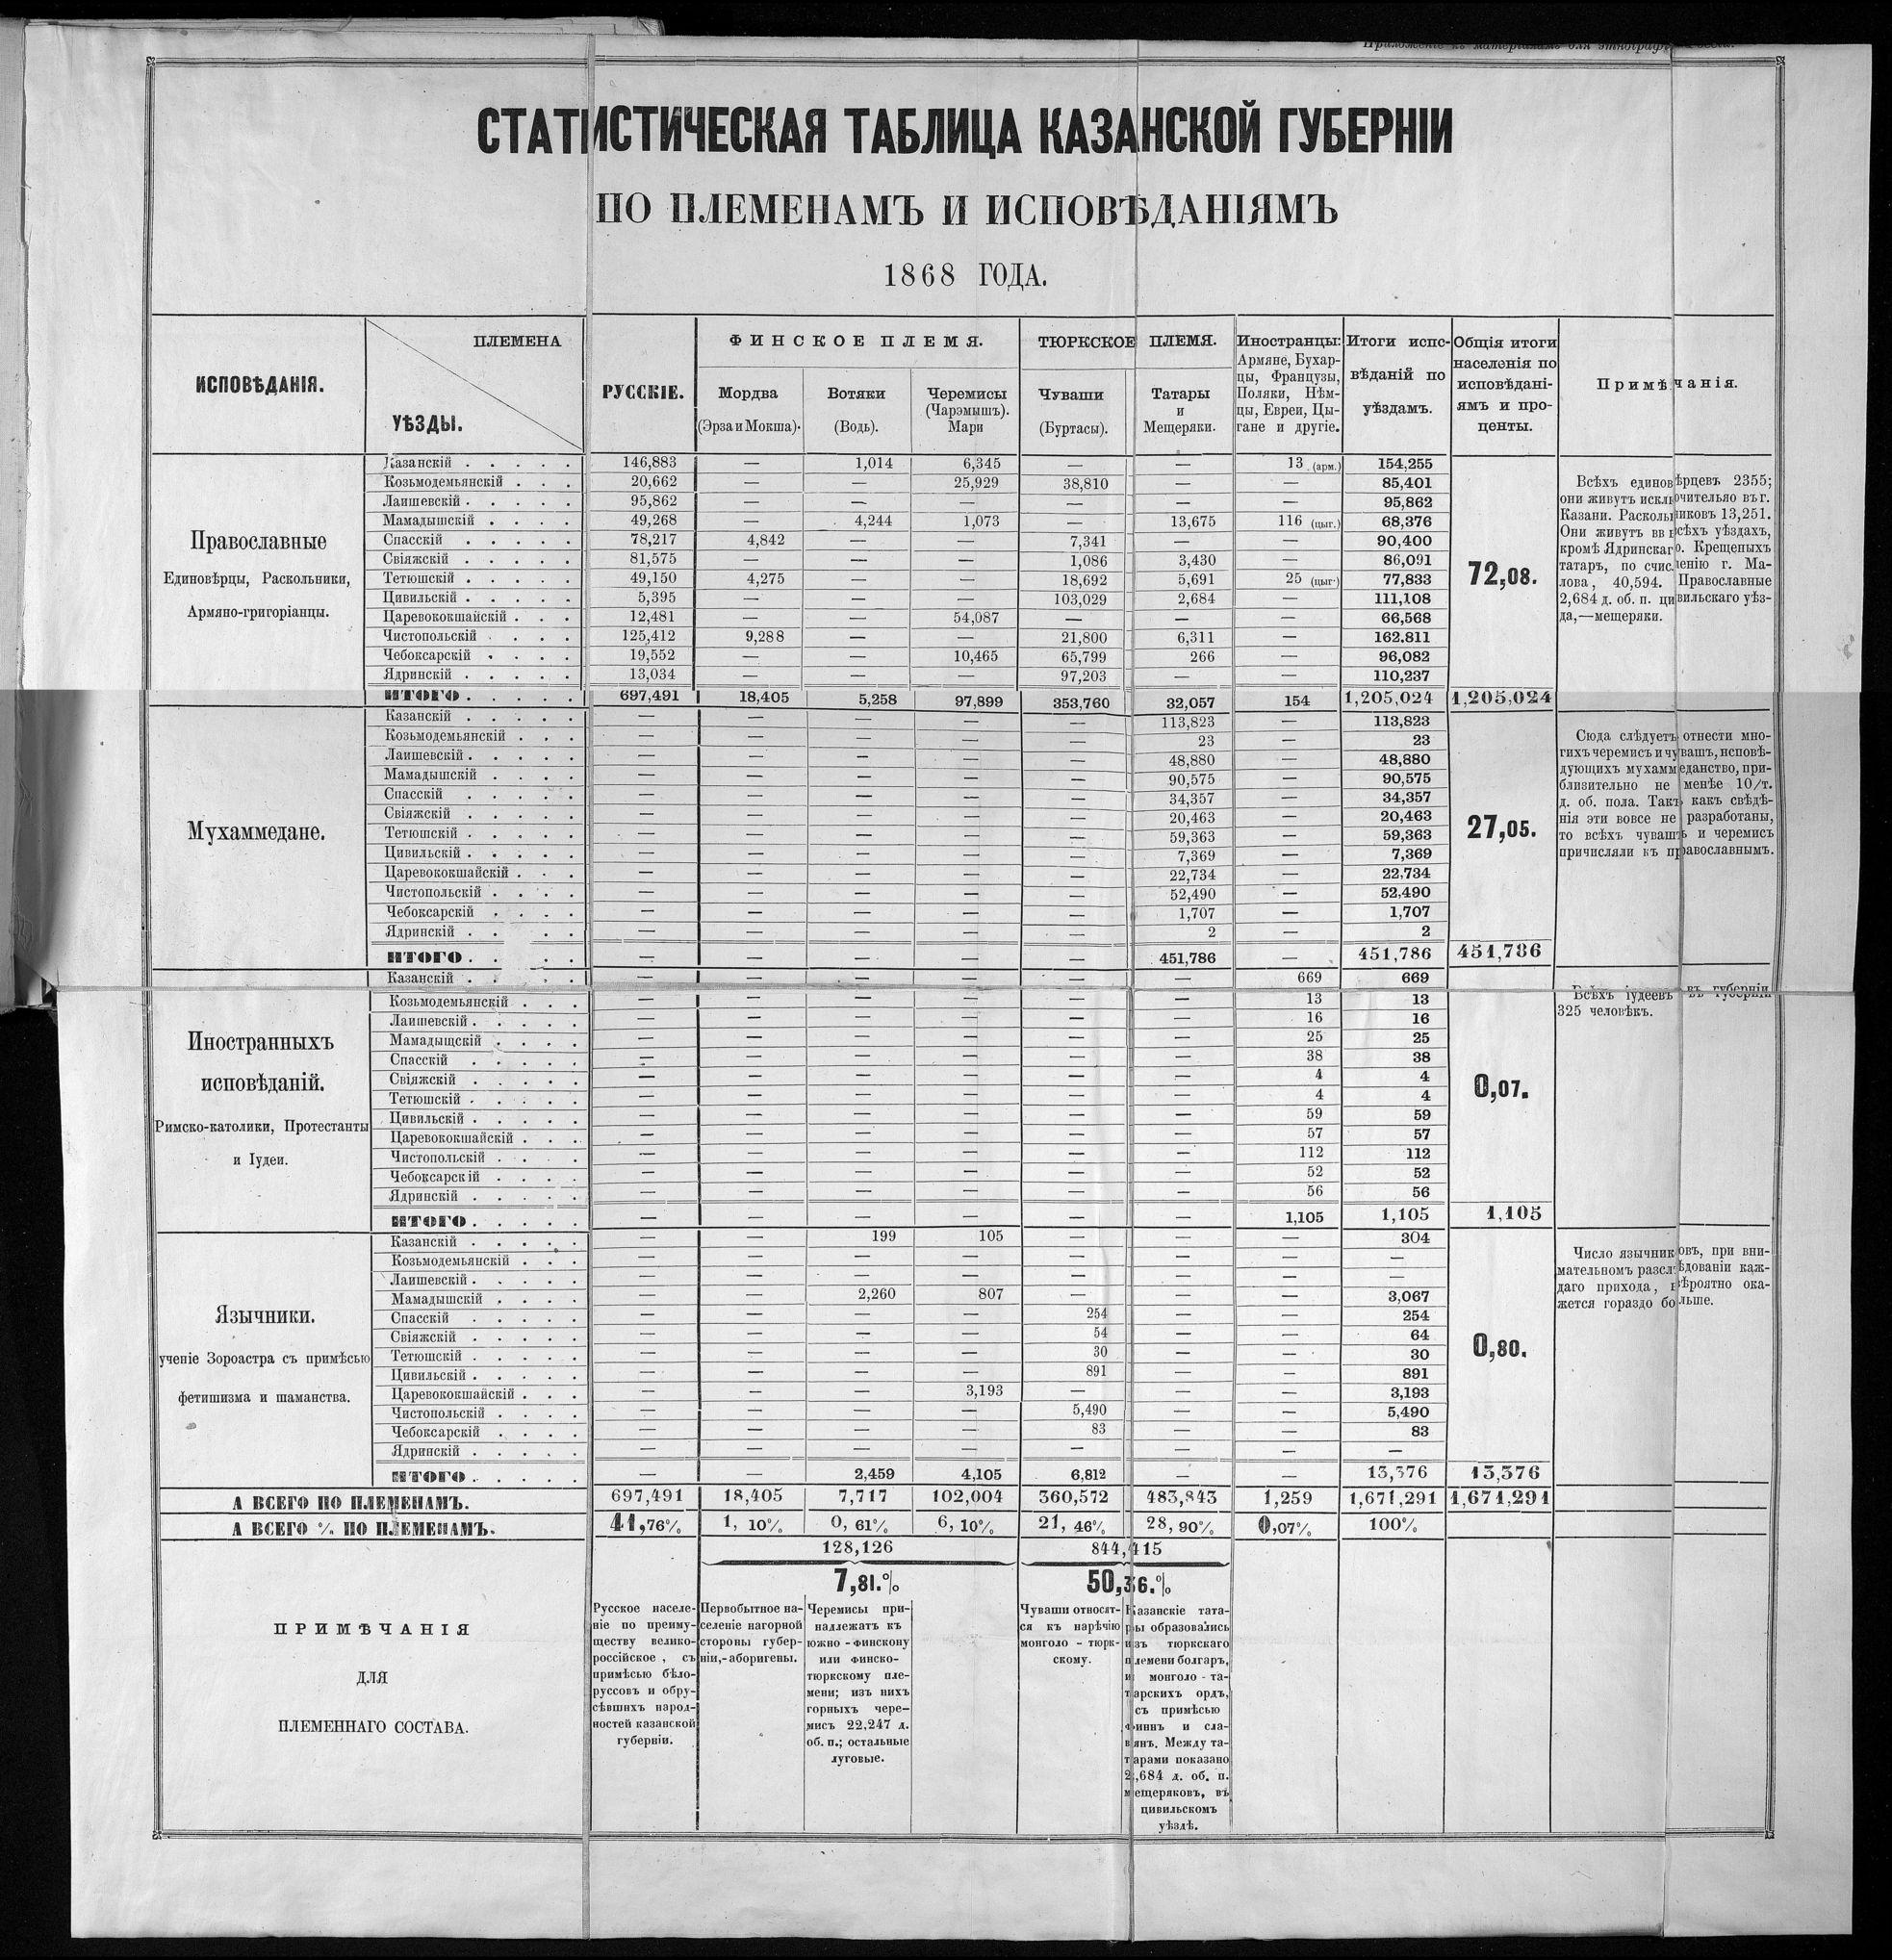 1868. Статистическая таблица Казанской губернии